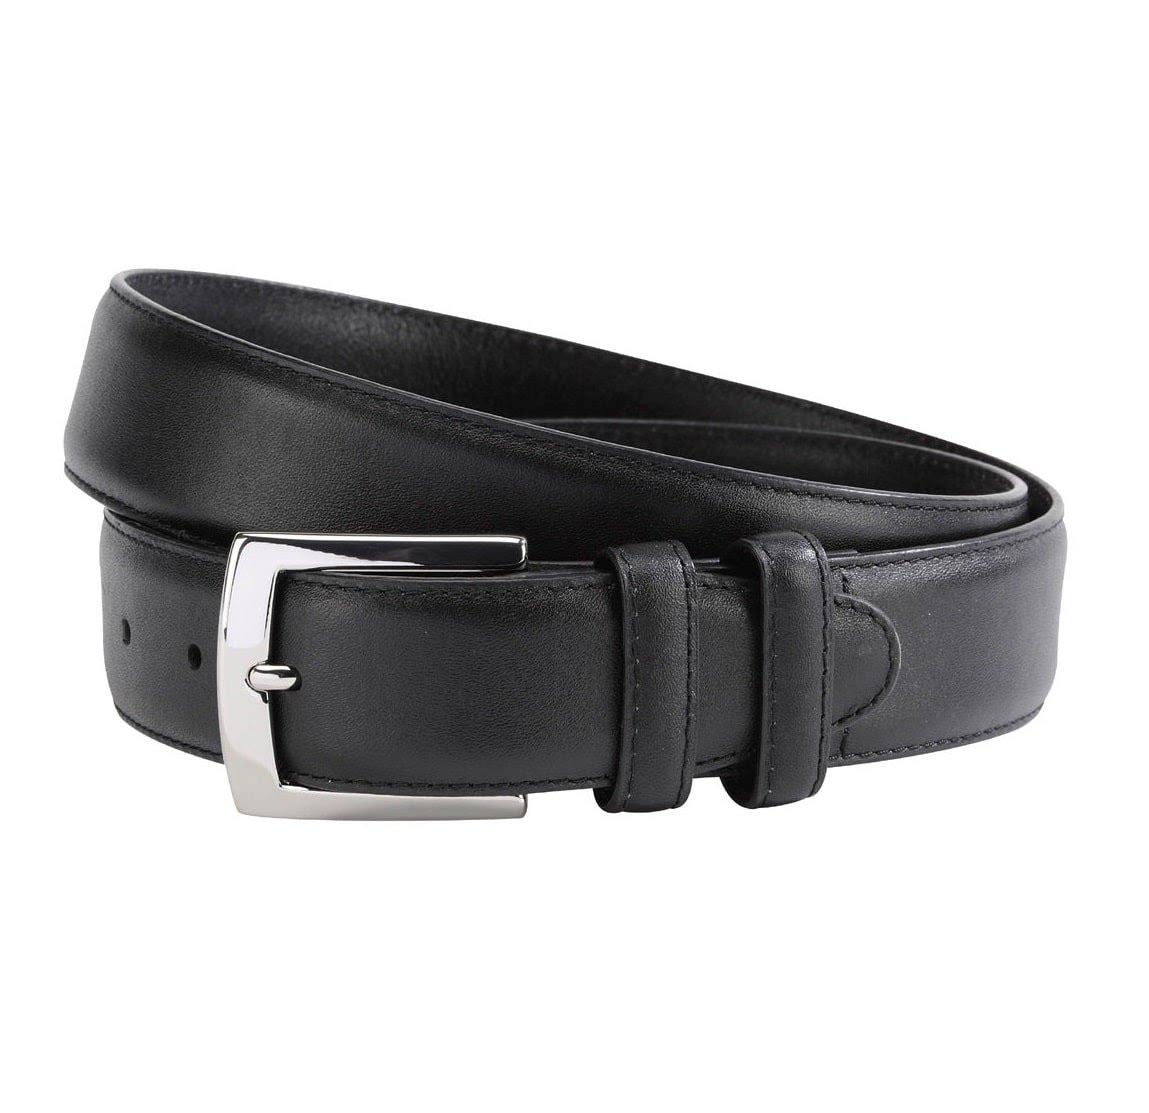 Basiques mode homme - ceinture en cuir Bexley